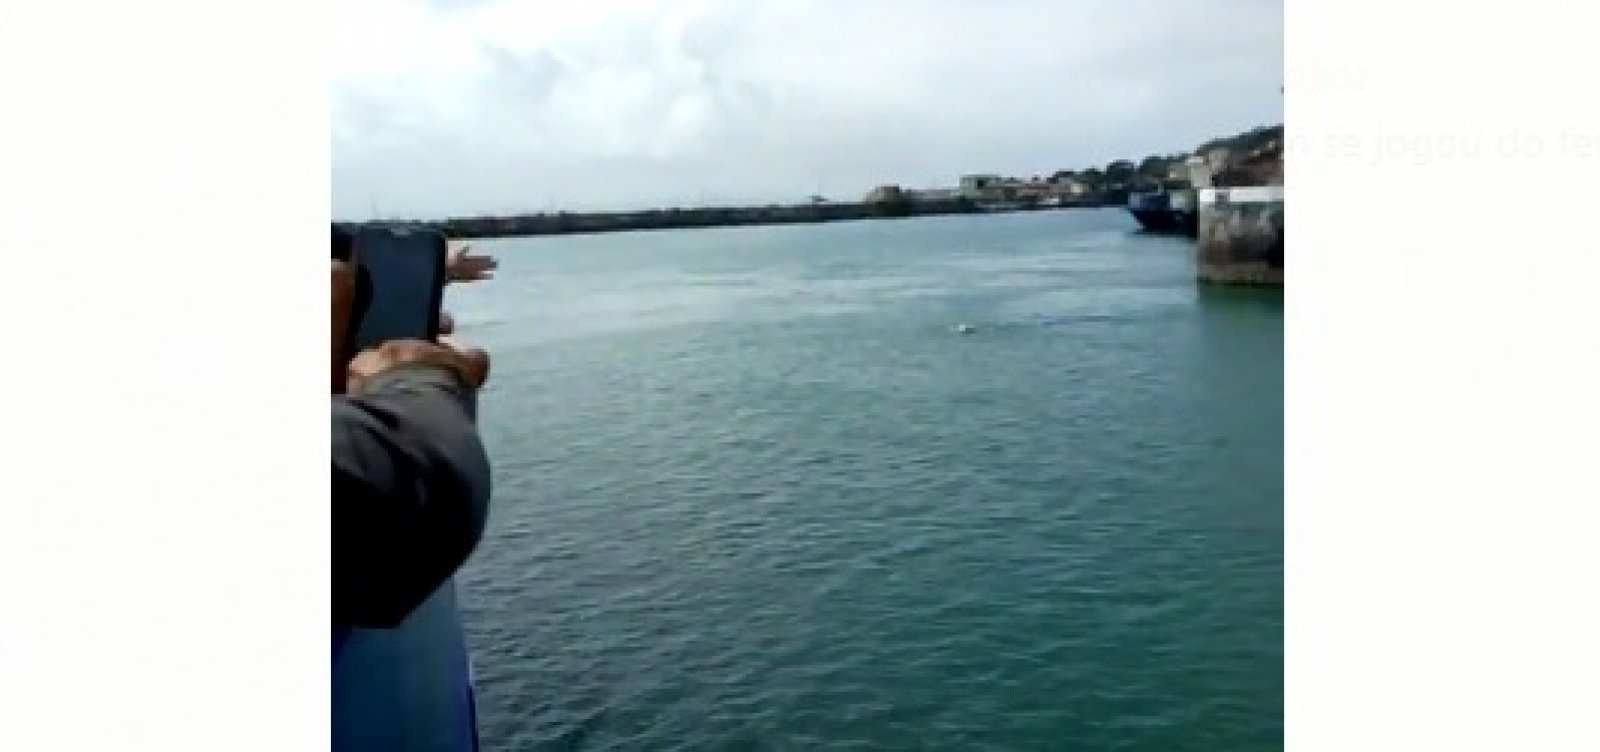 [Após não conseguir embarcar no ferry, homem tira roupa e nada em volta de terminal]